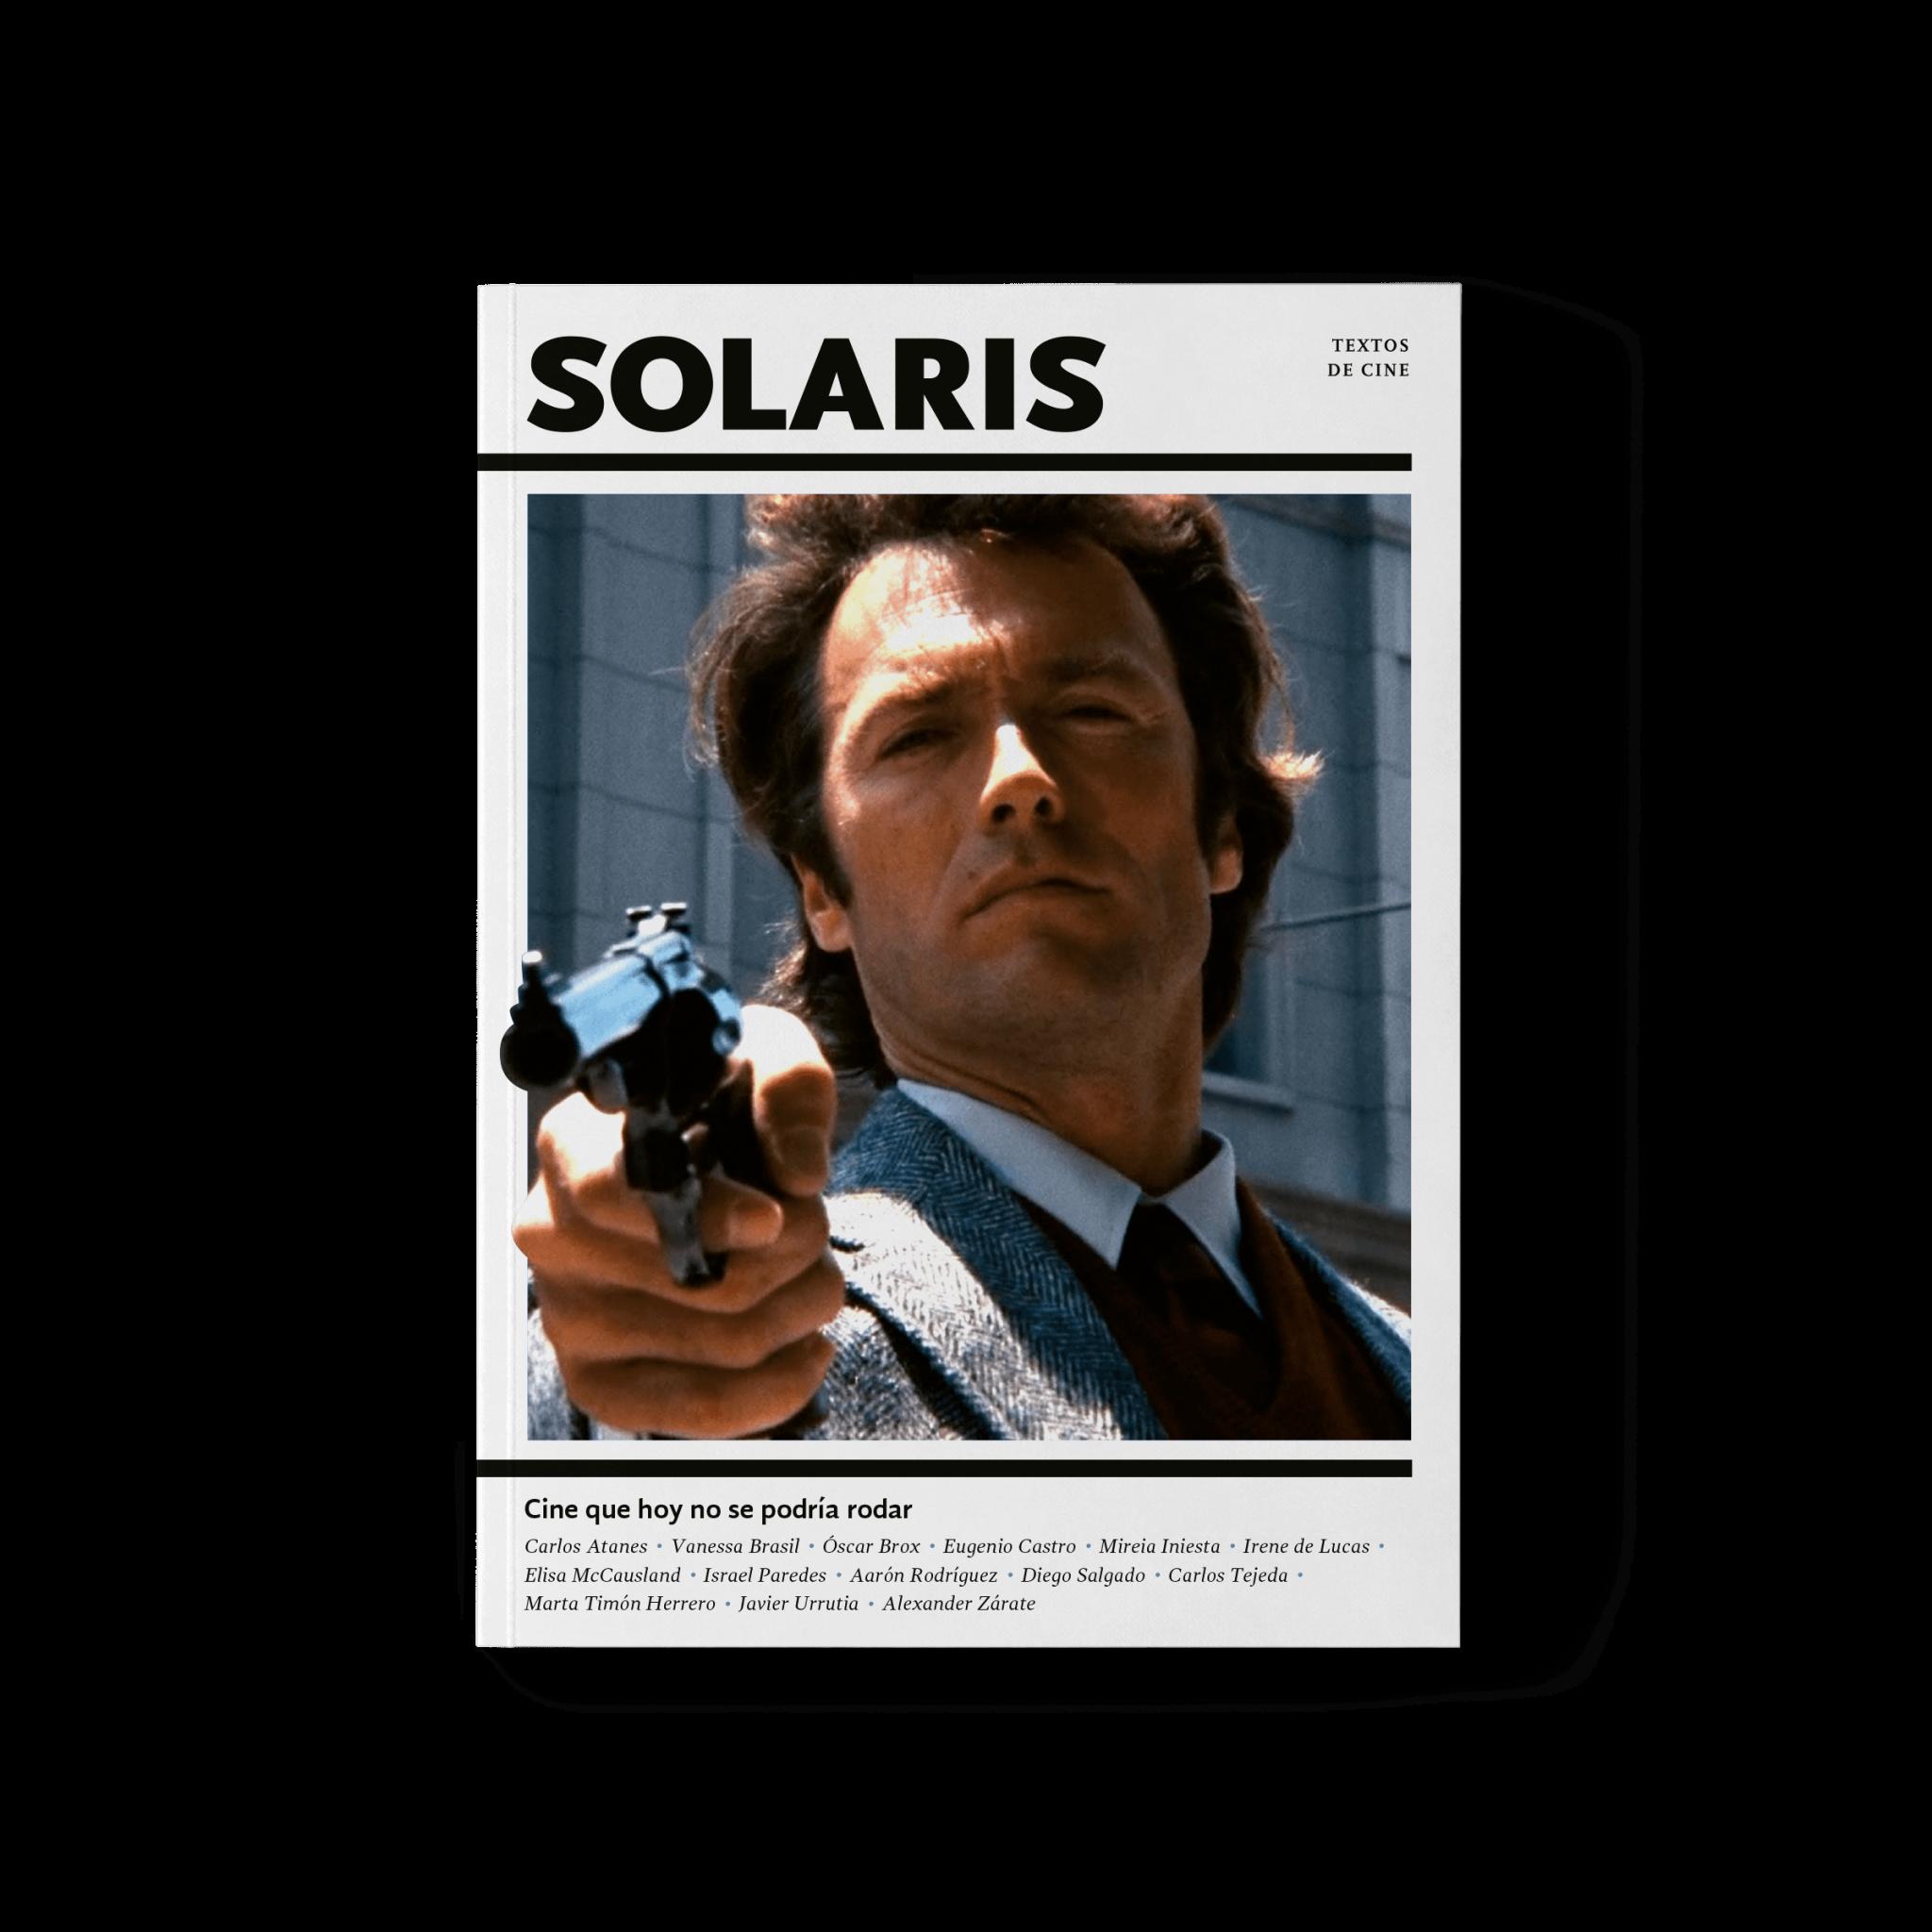 Cine que hoy no se podría rodar - Solaris, Textos de Cine